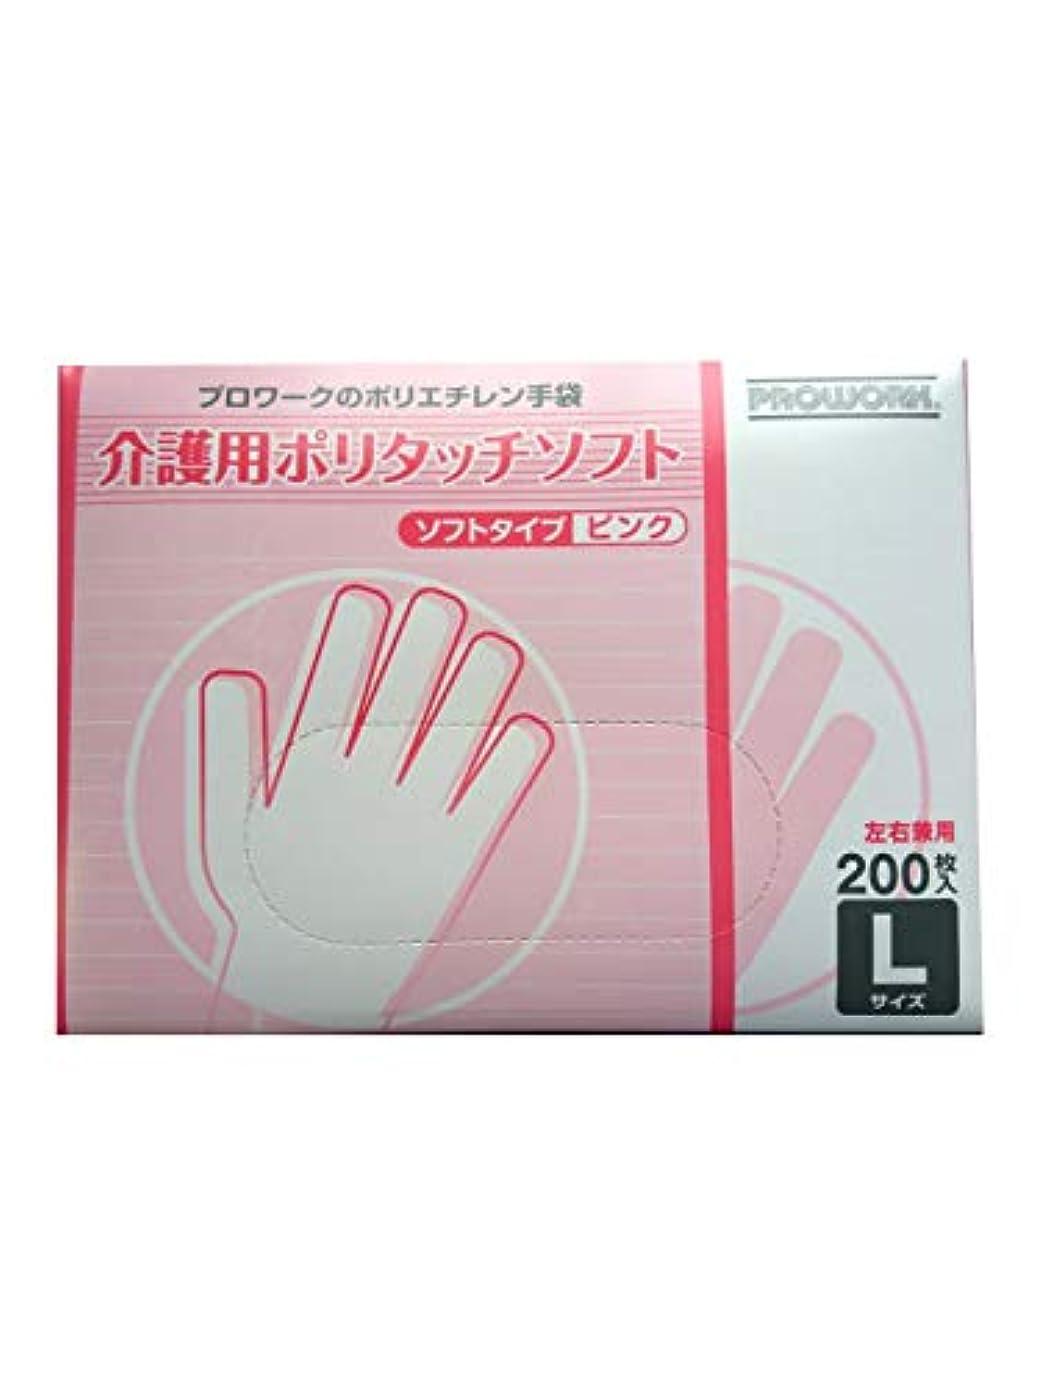 エゴイズムチョークスイ介護用ポリタッチソフト手袋 ピンク Lサイズ 左右兼用200枚入